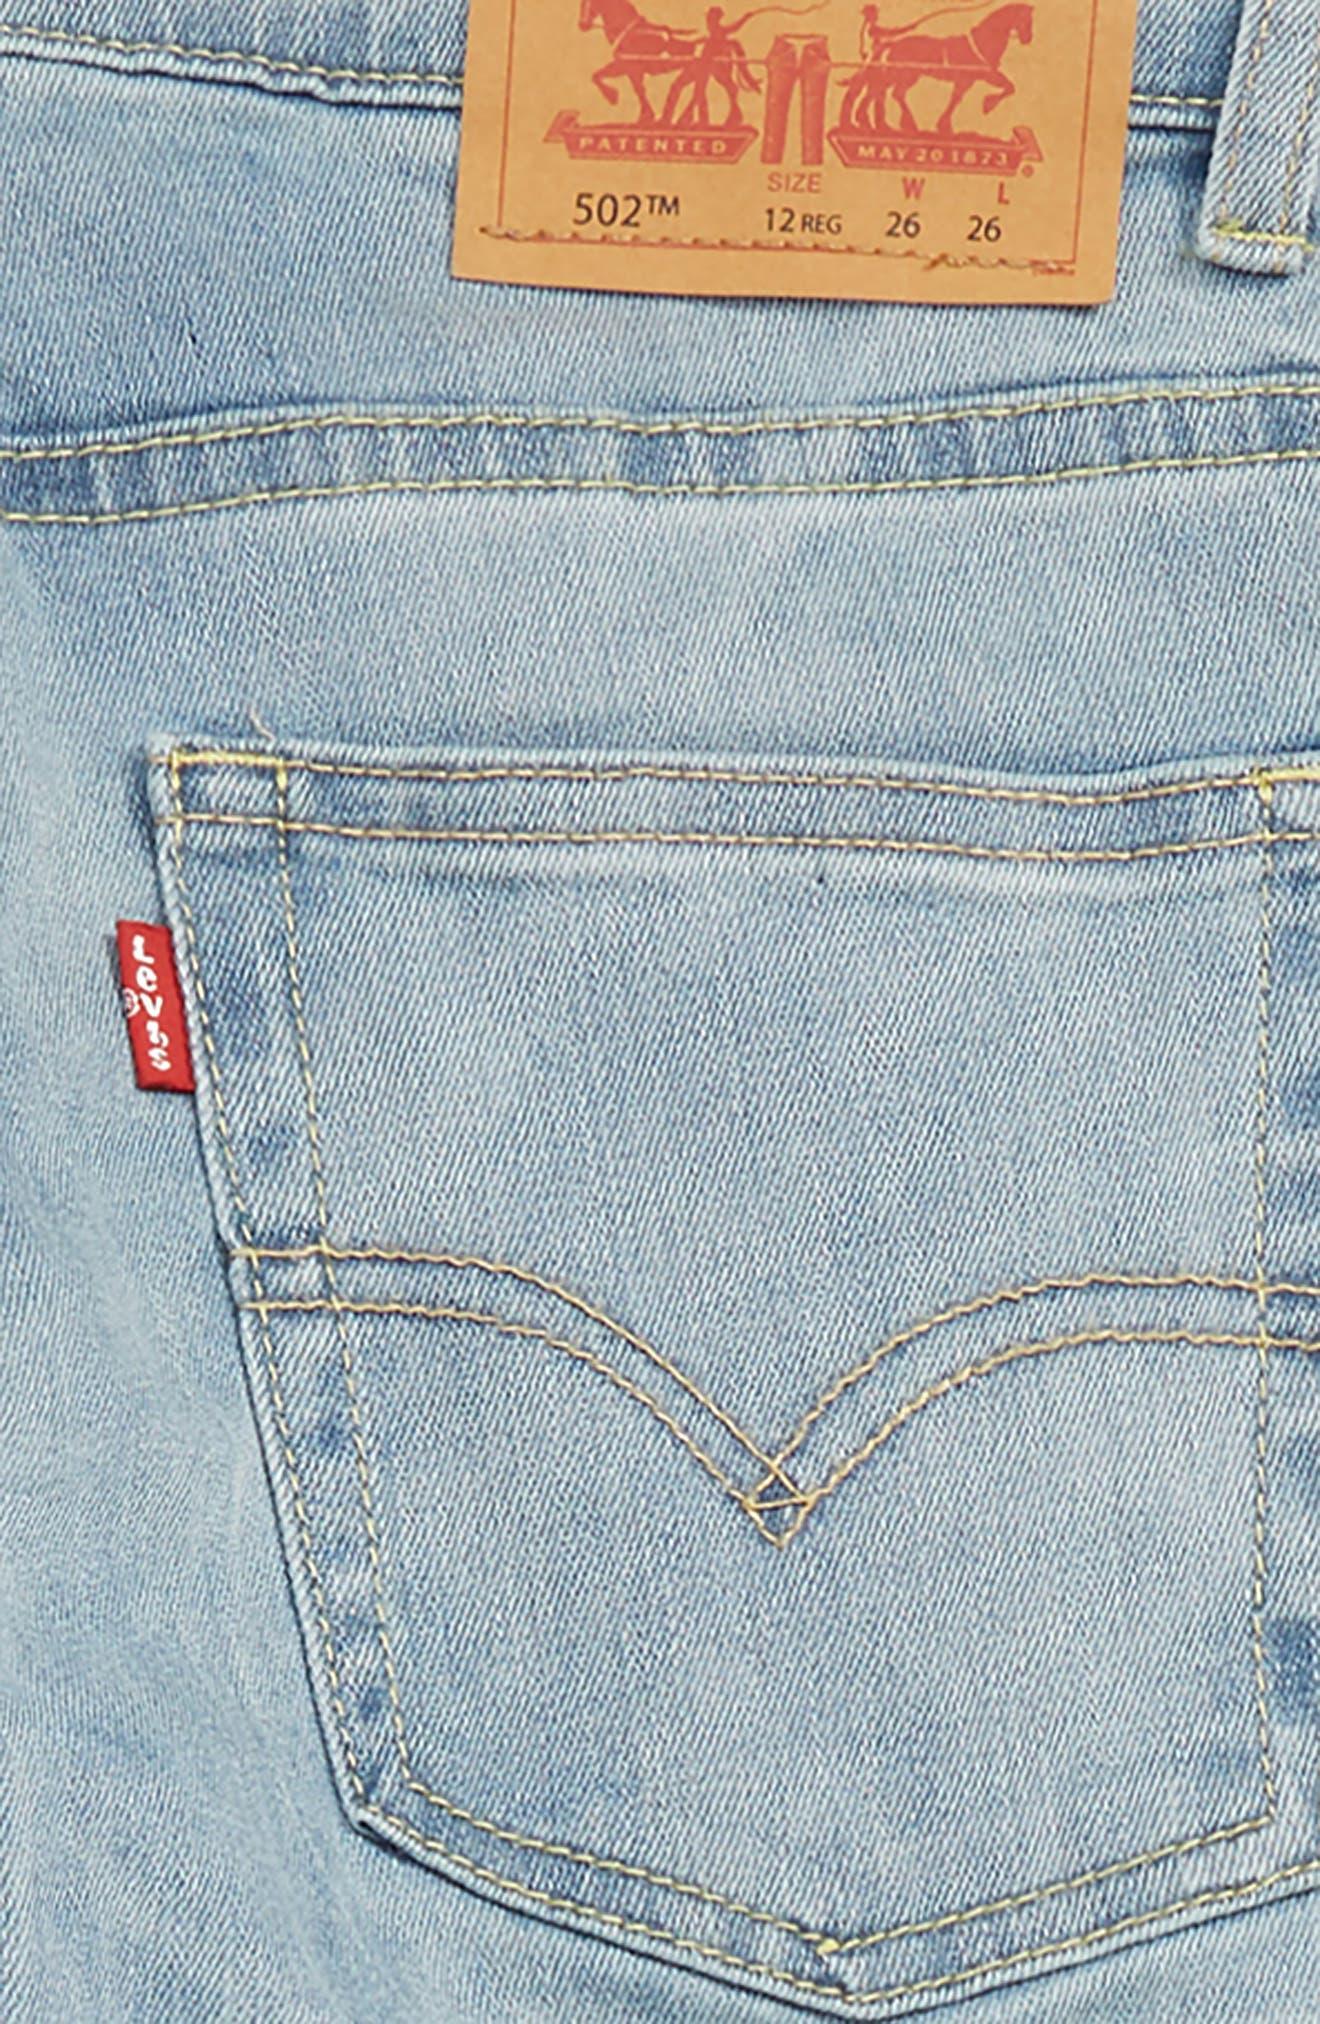 Levi's<sup>®</sup> 502<sup>™</sup> Regular Taper Jeans,                             Alternate thumbnail 3, color,                             YOSEMITE FALLS